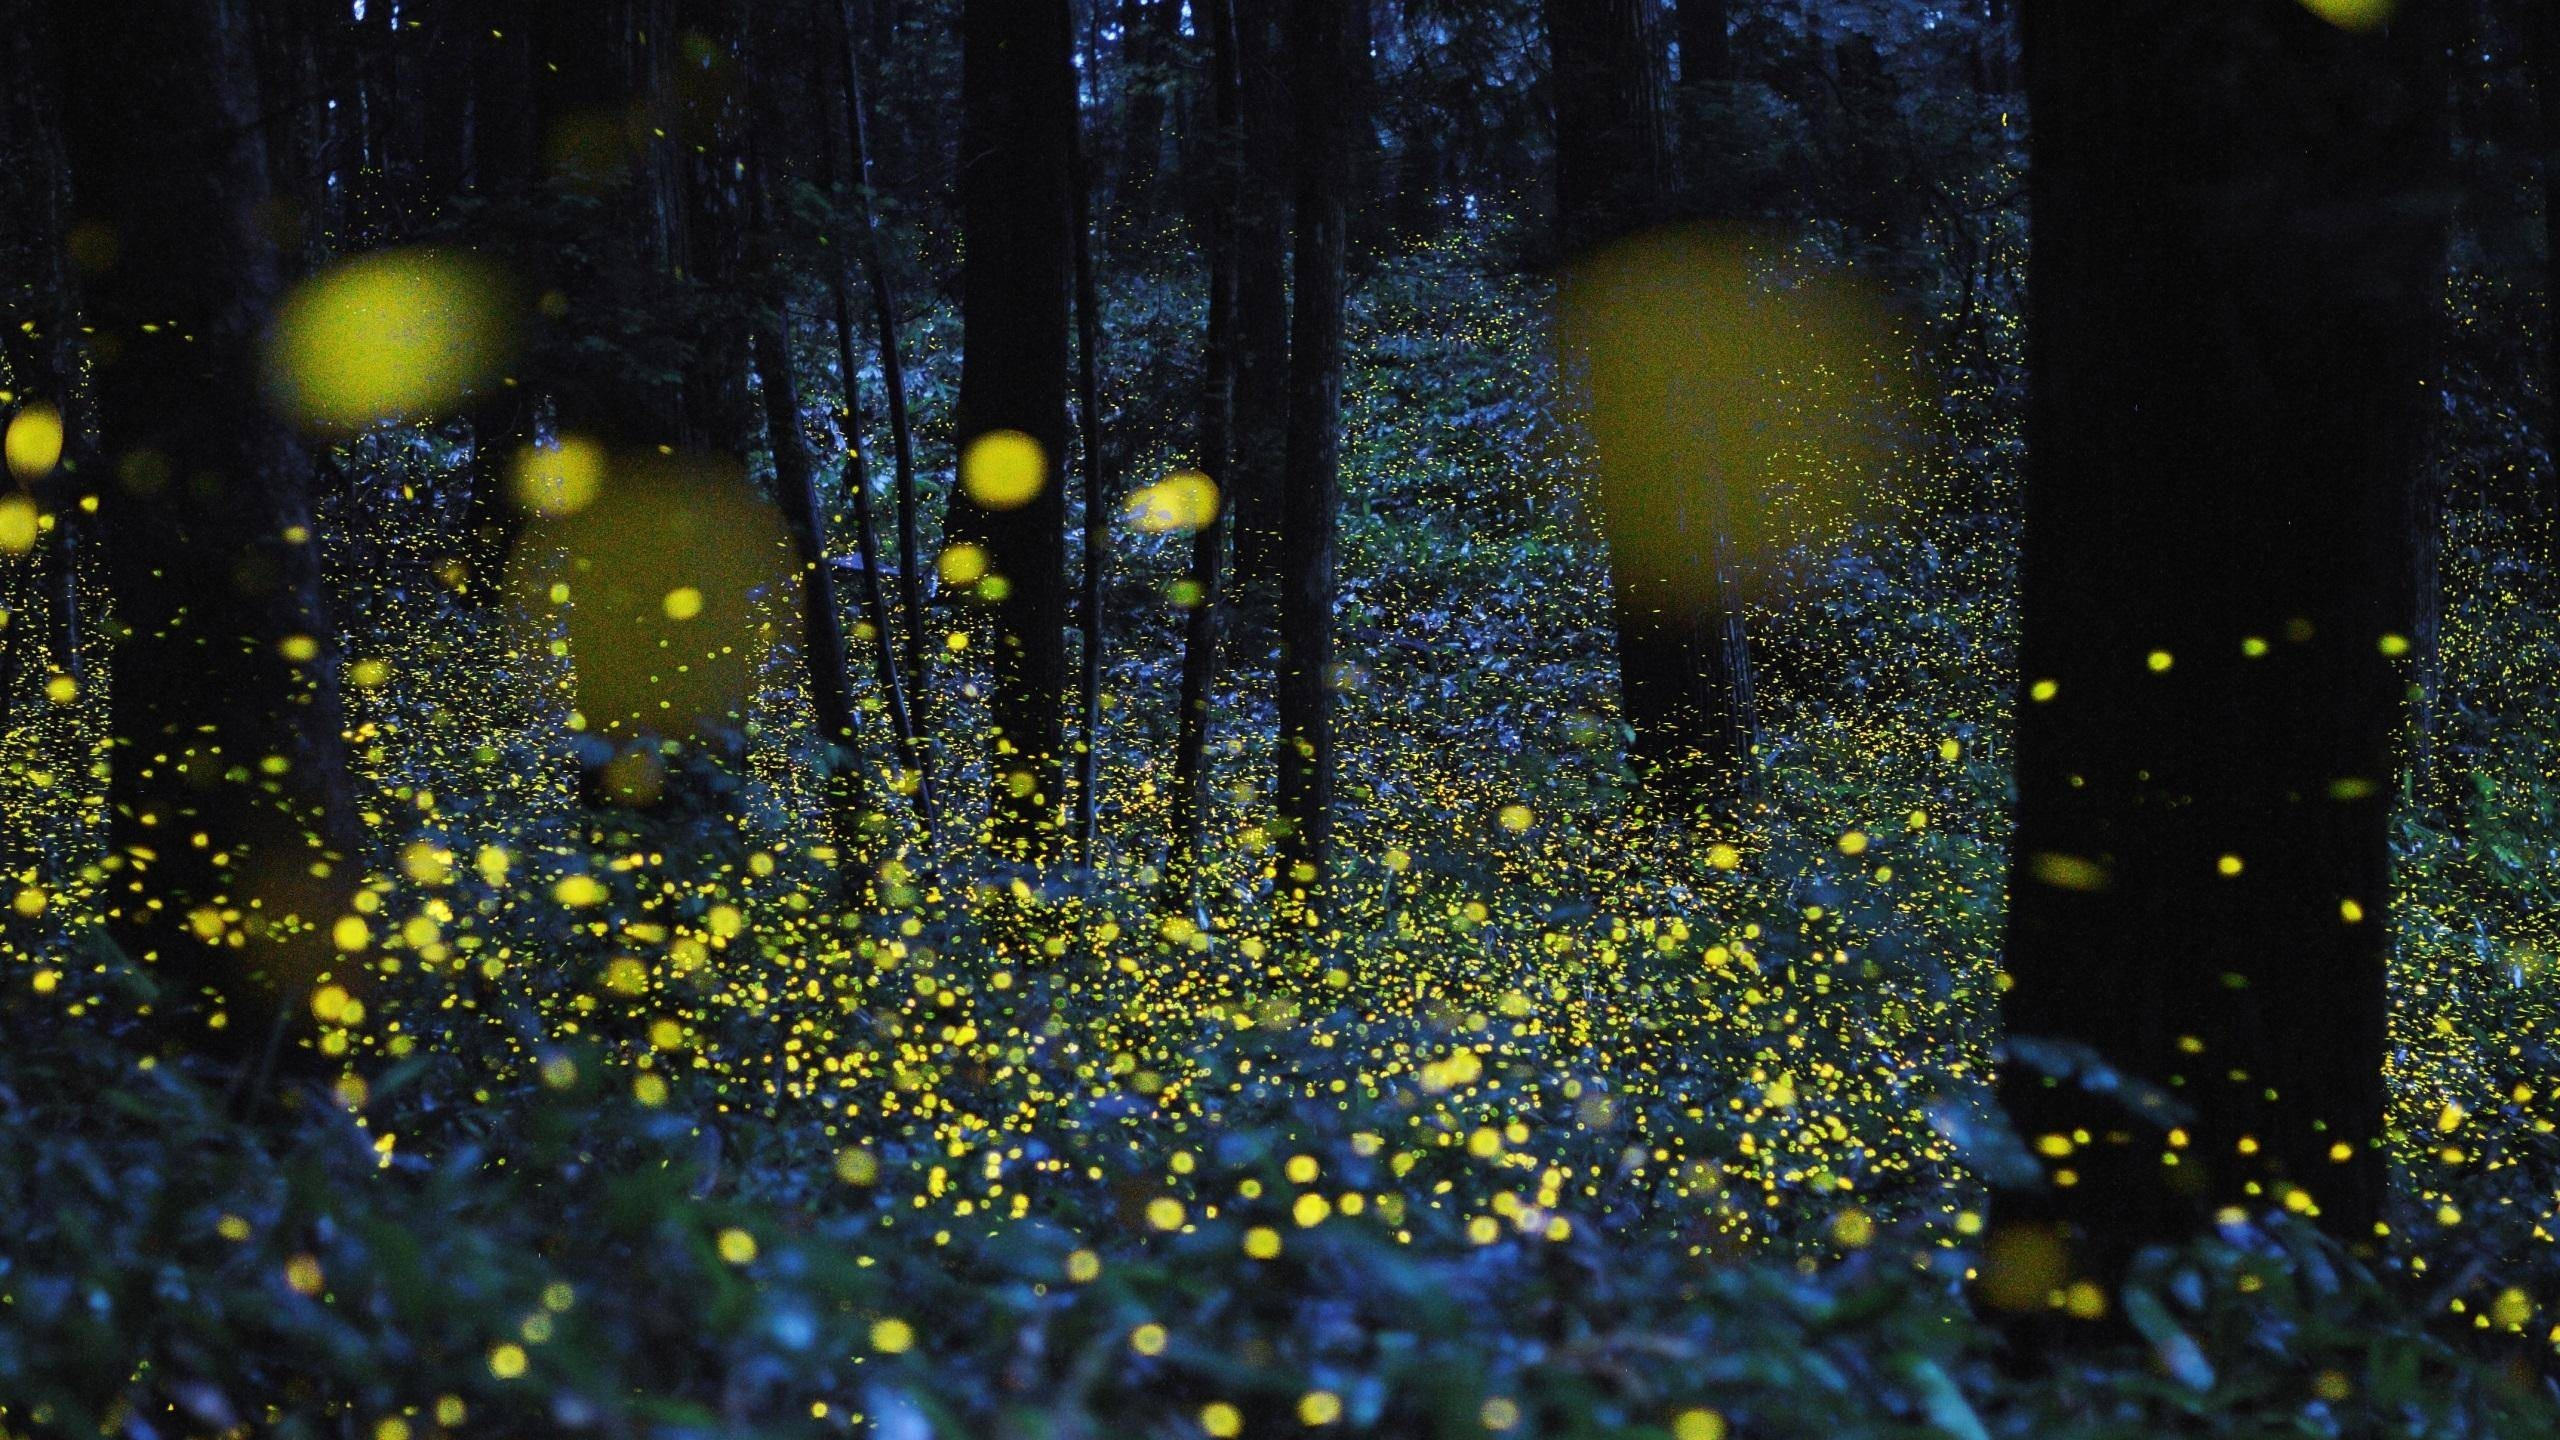 Fireflies Wallpaper